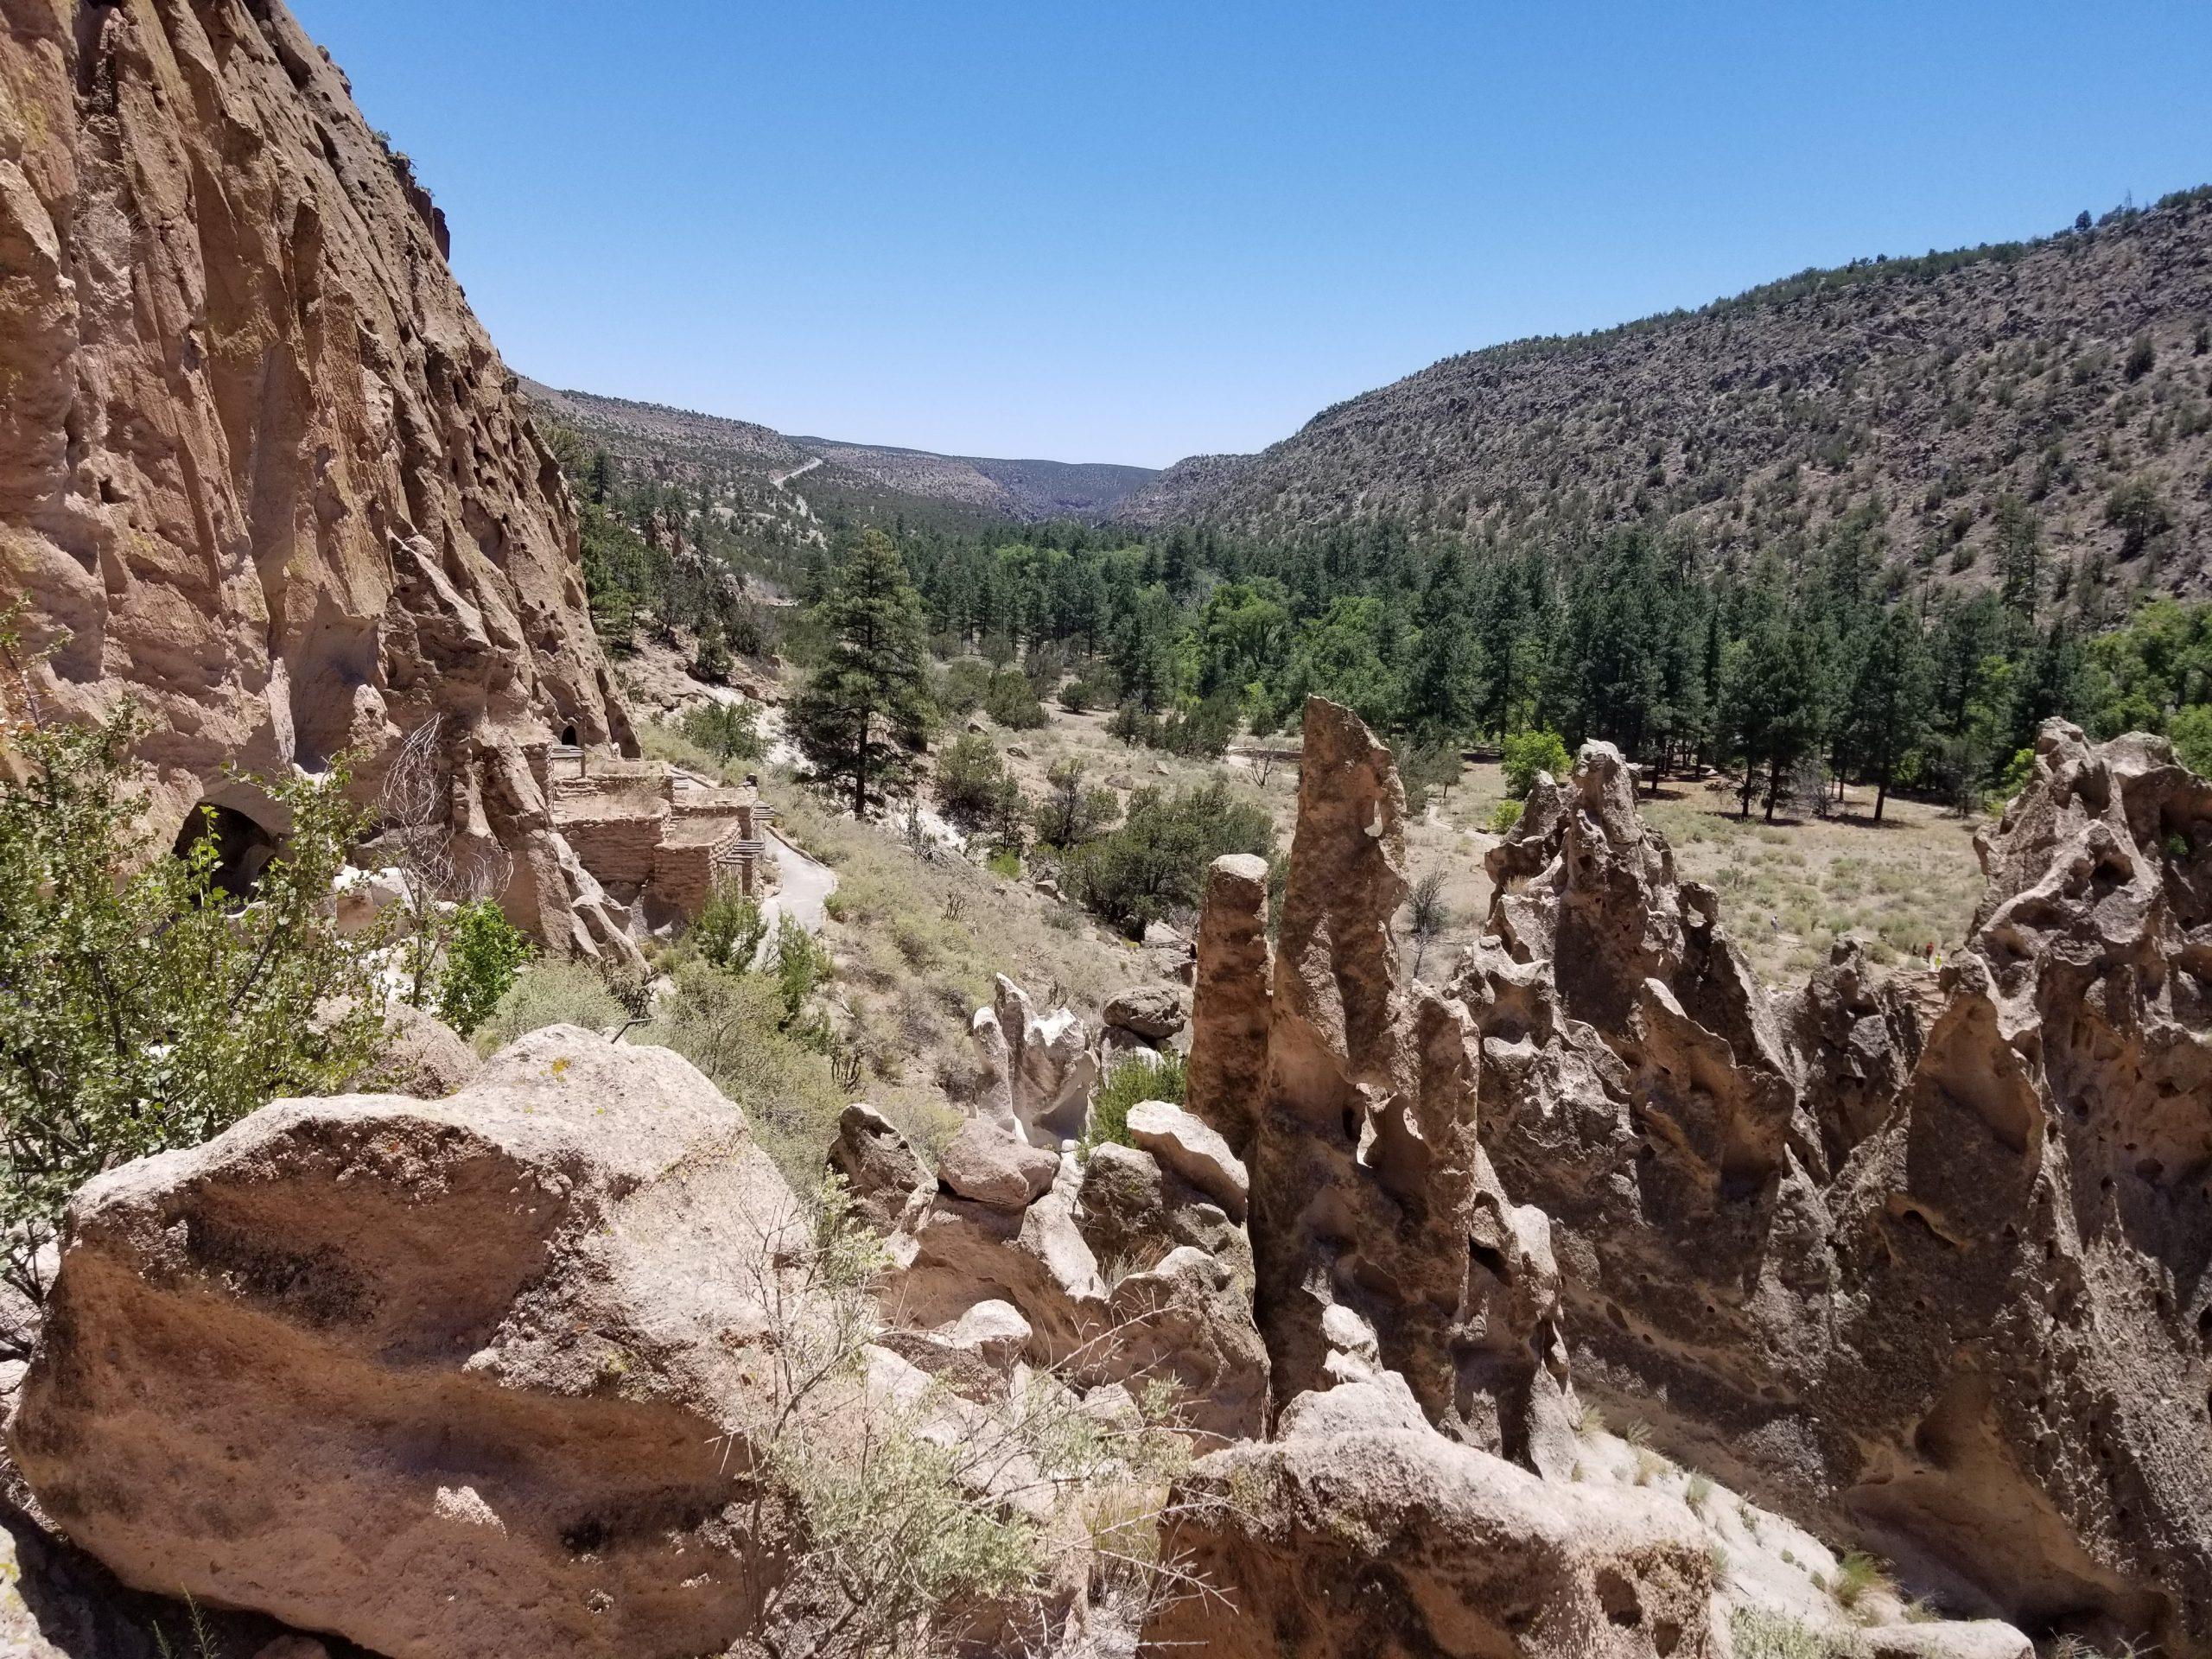 Cliff edge of Caldera in New Mexico